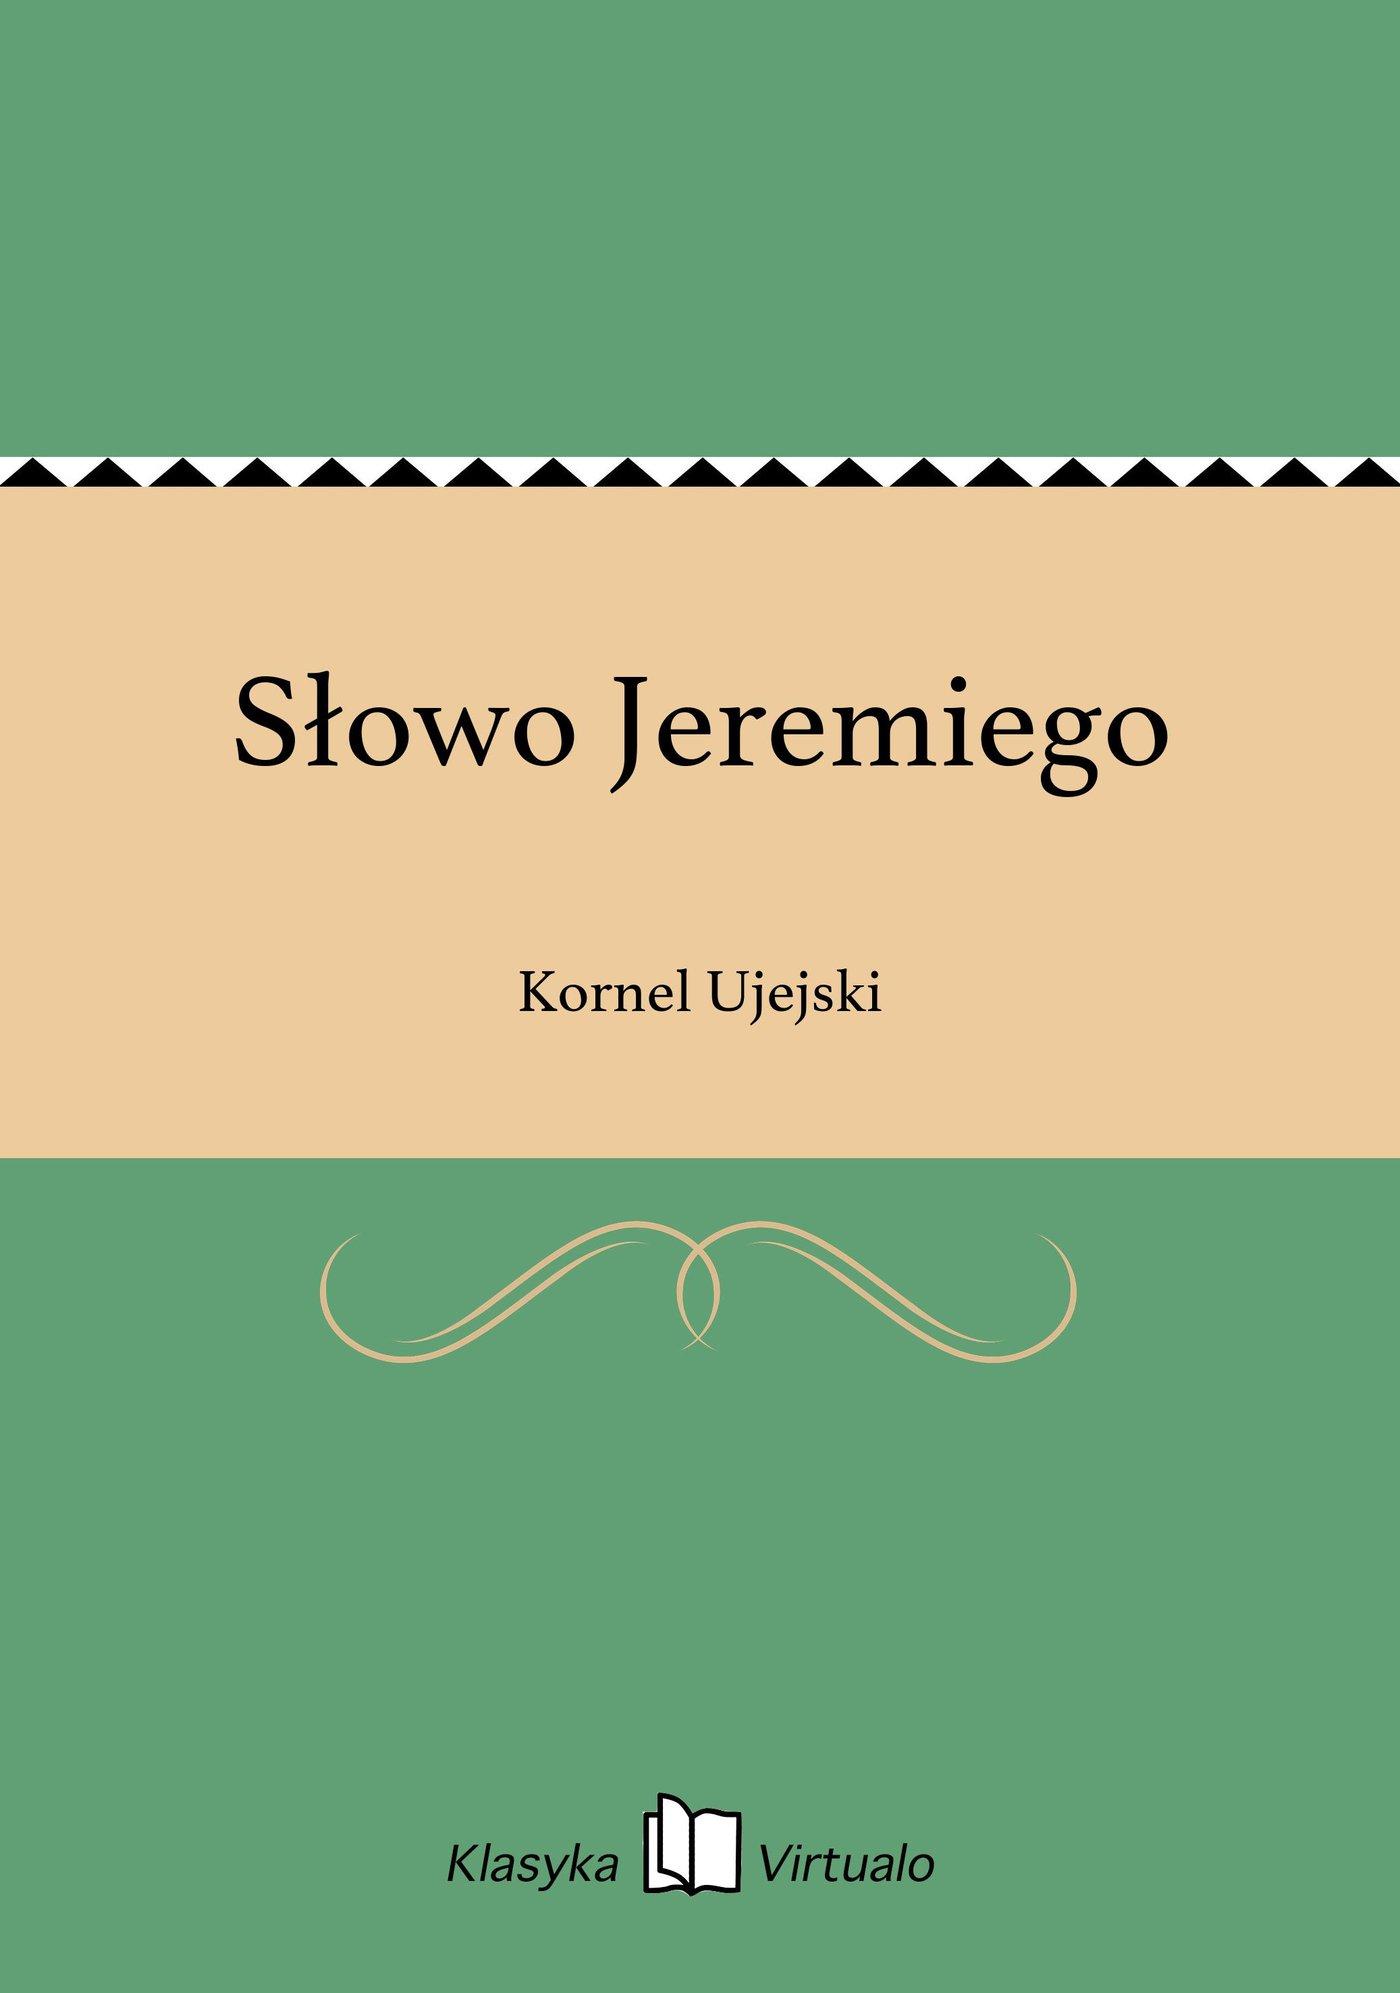 Słowo Jeremiego - Ebook (Książka EPUB) do pobrania w formacie EPUB